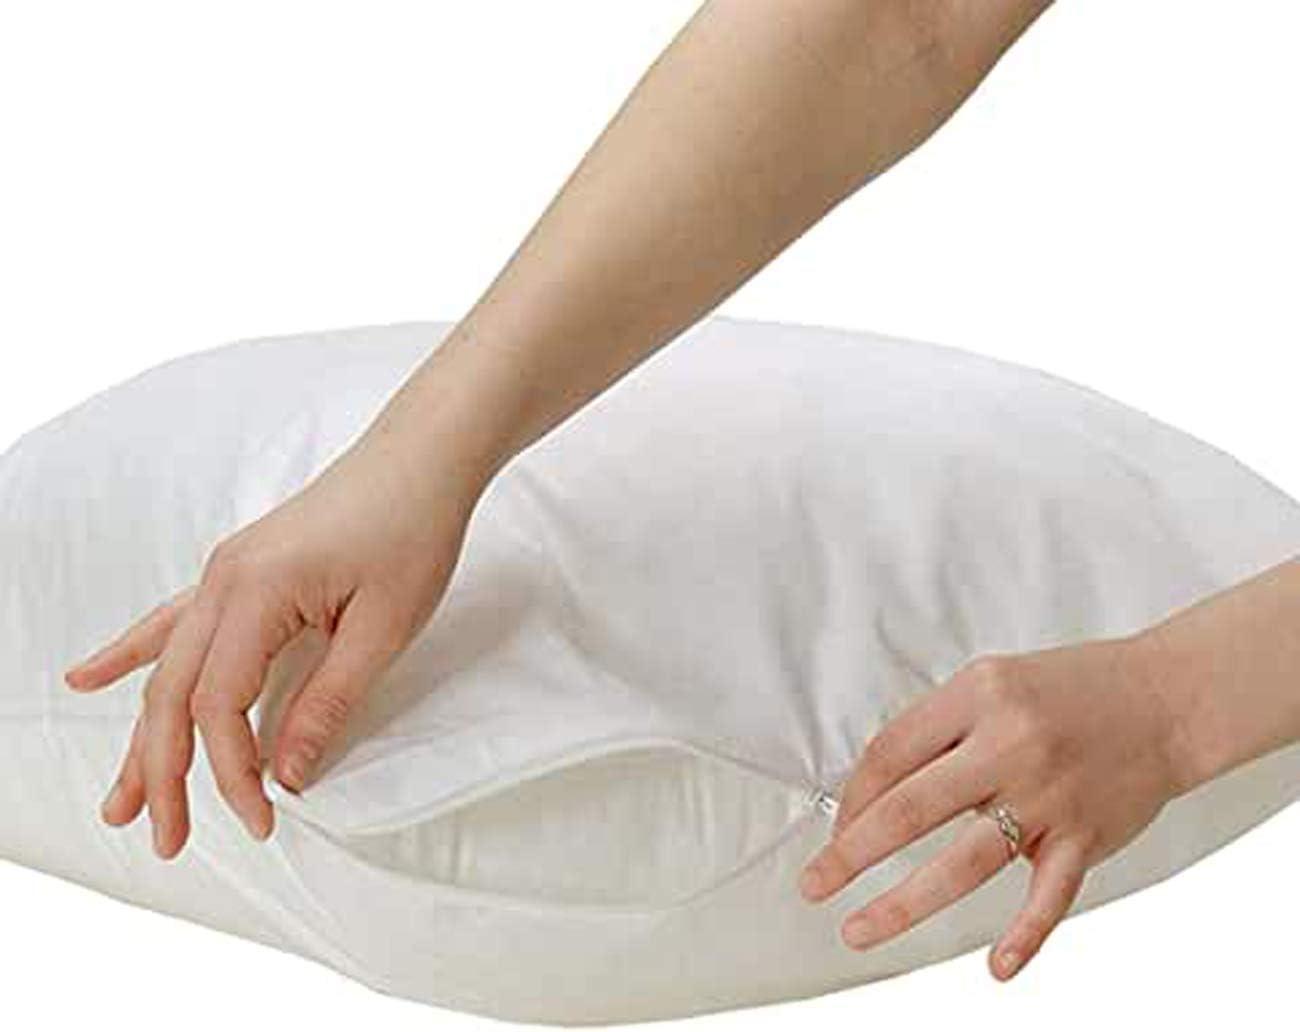 Protectores de almohada suave notebookbits - cierre de cremallera - lavable a máquina, Pack of 4 - Pillow Protectors: Amazon.es: Hogar